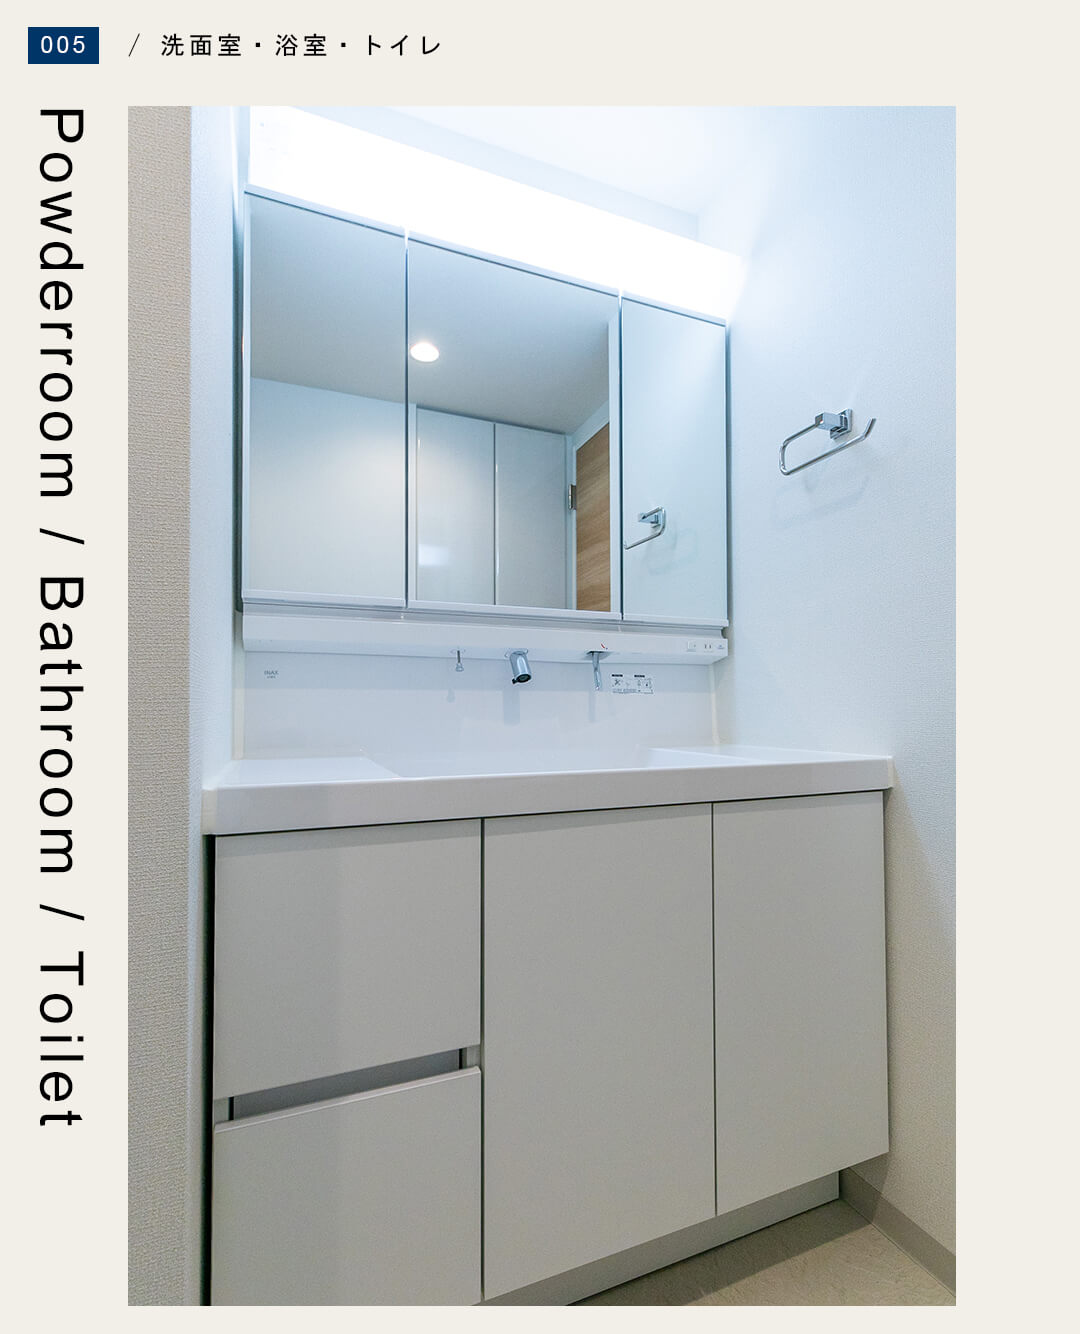 田園調布本町ガーデンハウス 205の洗面室